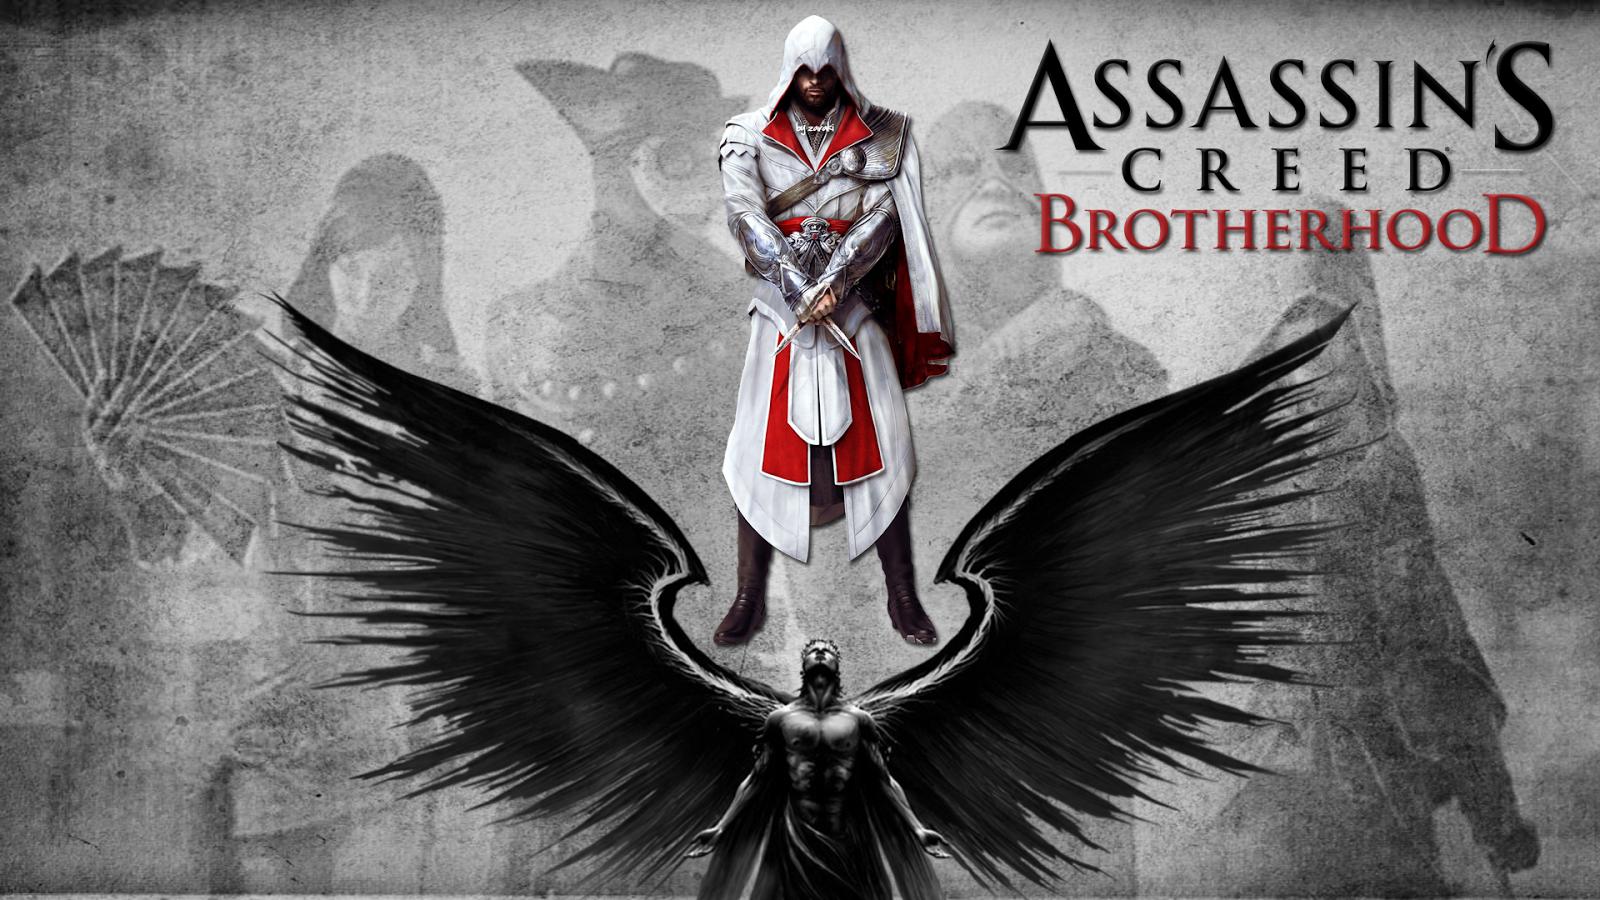 Desktop HD Wallpapers Assassins Creed Brotherhood Wallpapers HD 1600x900